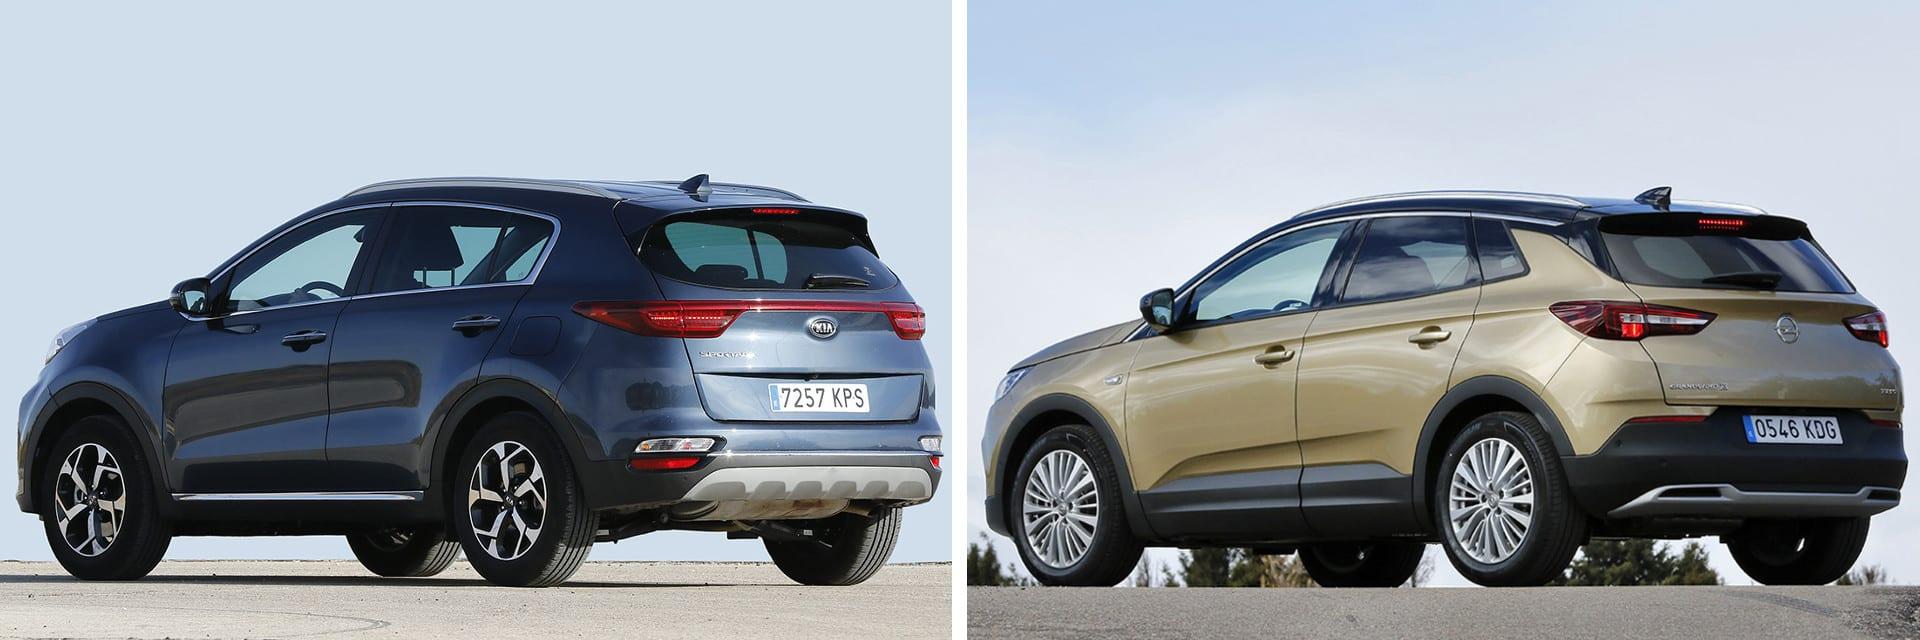 Con los motores probados, el Opel Grandland X (dcha.) es más rápido y ágil que el KIA Sportage (izq.)